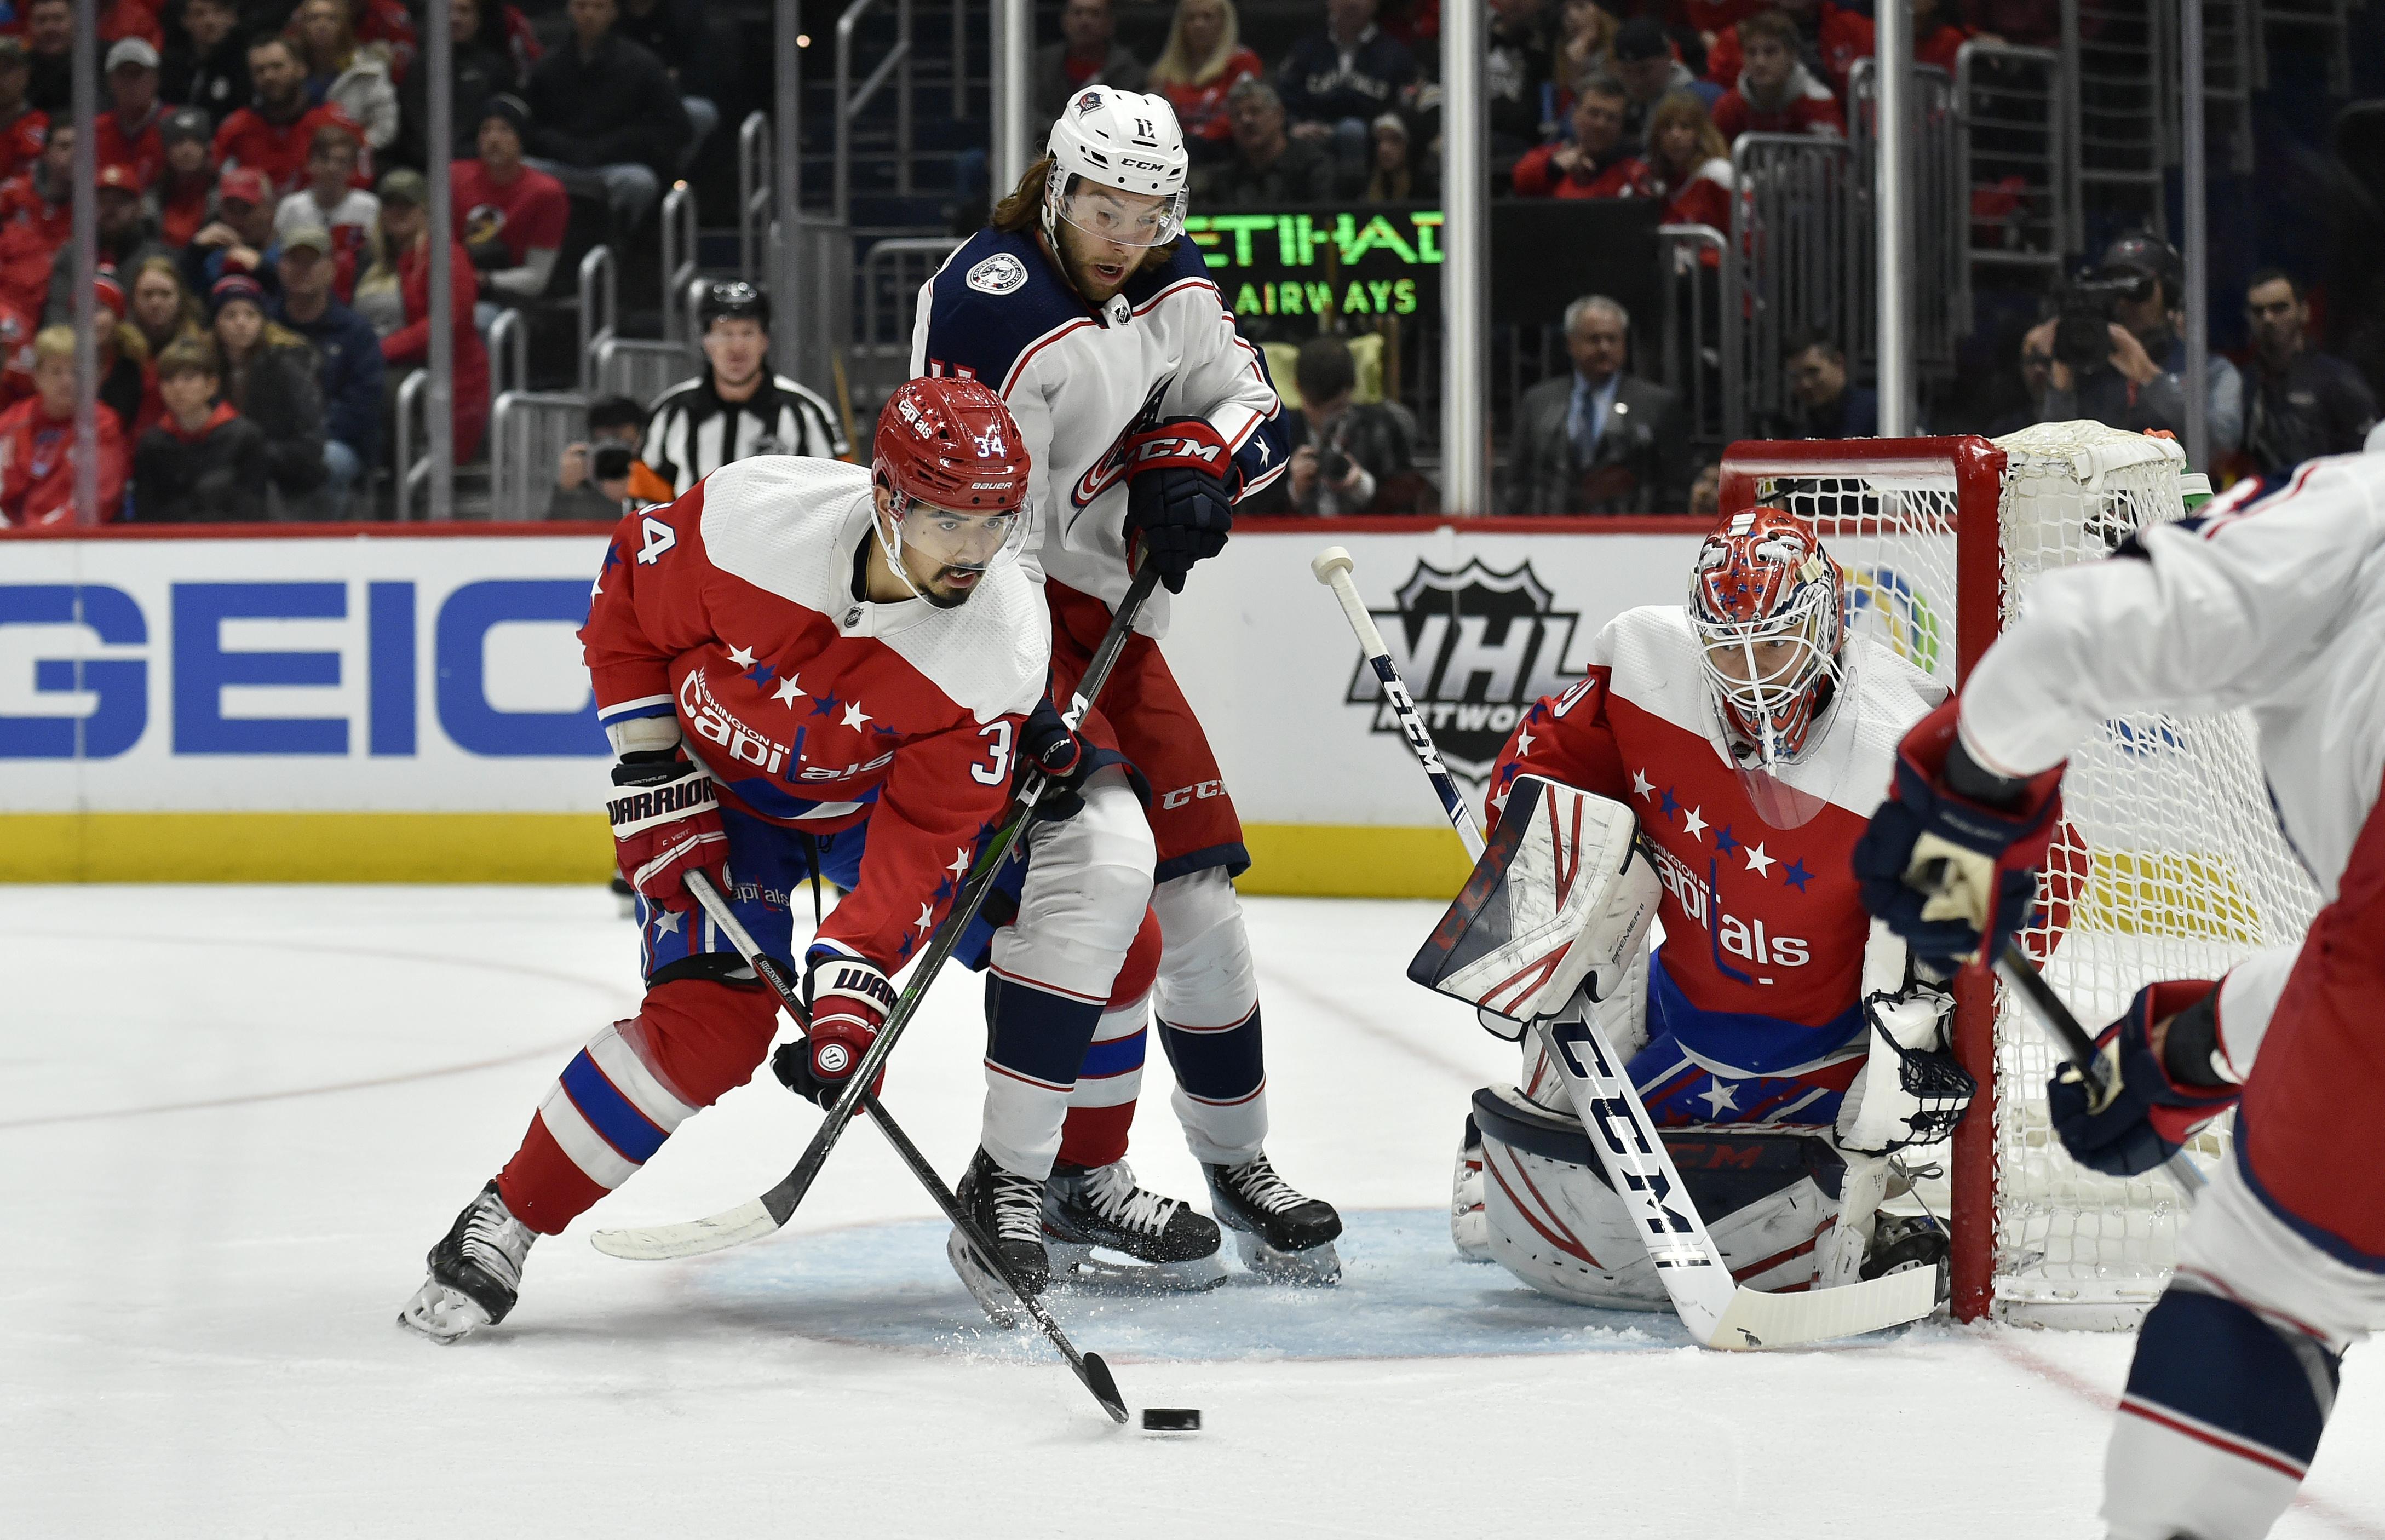 NHL: DEC 27 Blue Jackets at Capitals